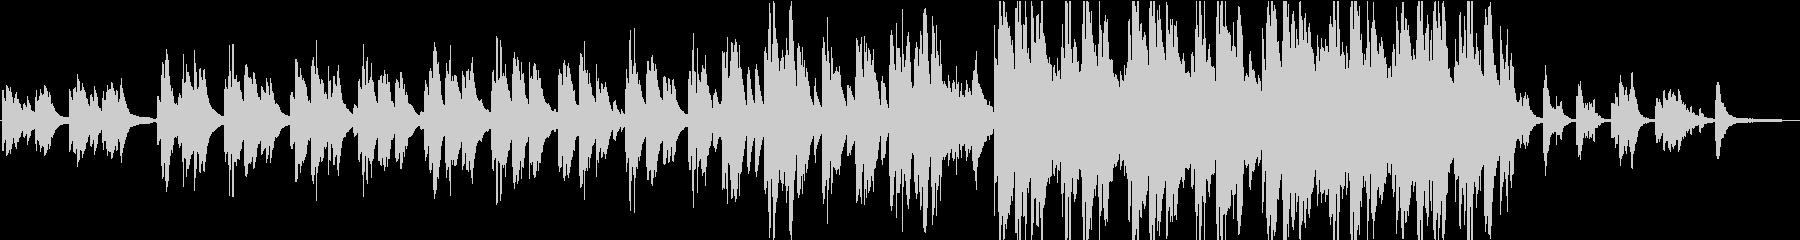 優しく穏やかなピアノソロ曲を結婚式に02の未再生の波形